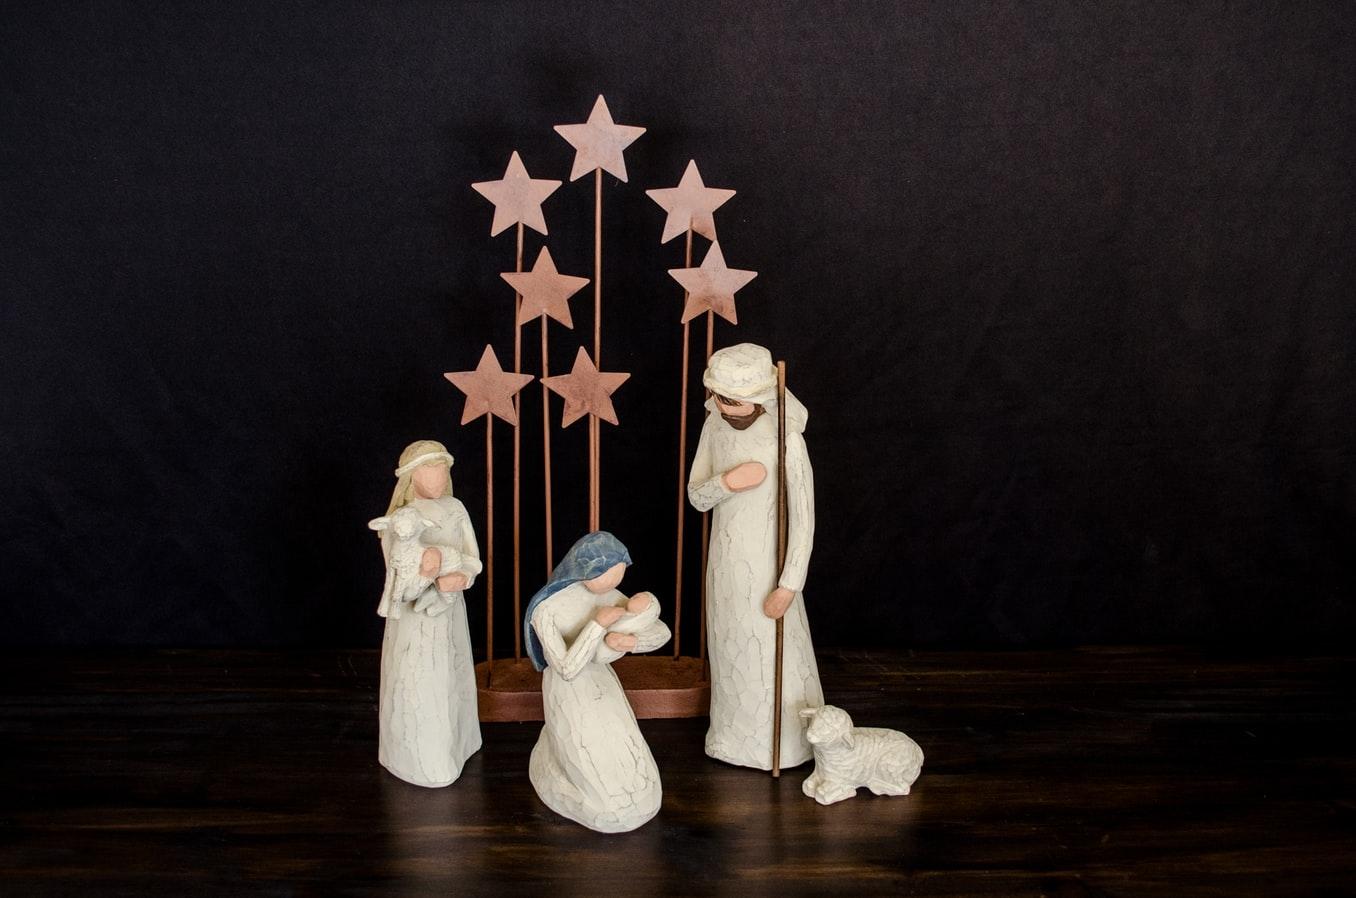 A festa da Sagrada Família pede muita sabedoria, lucidez e discernimento